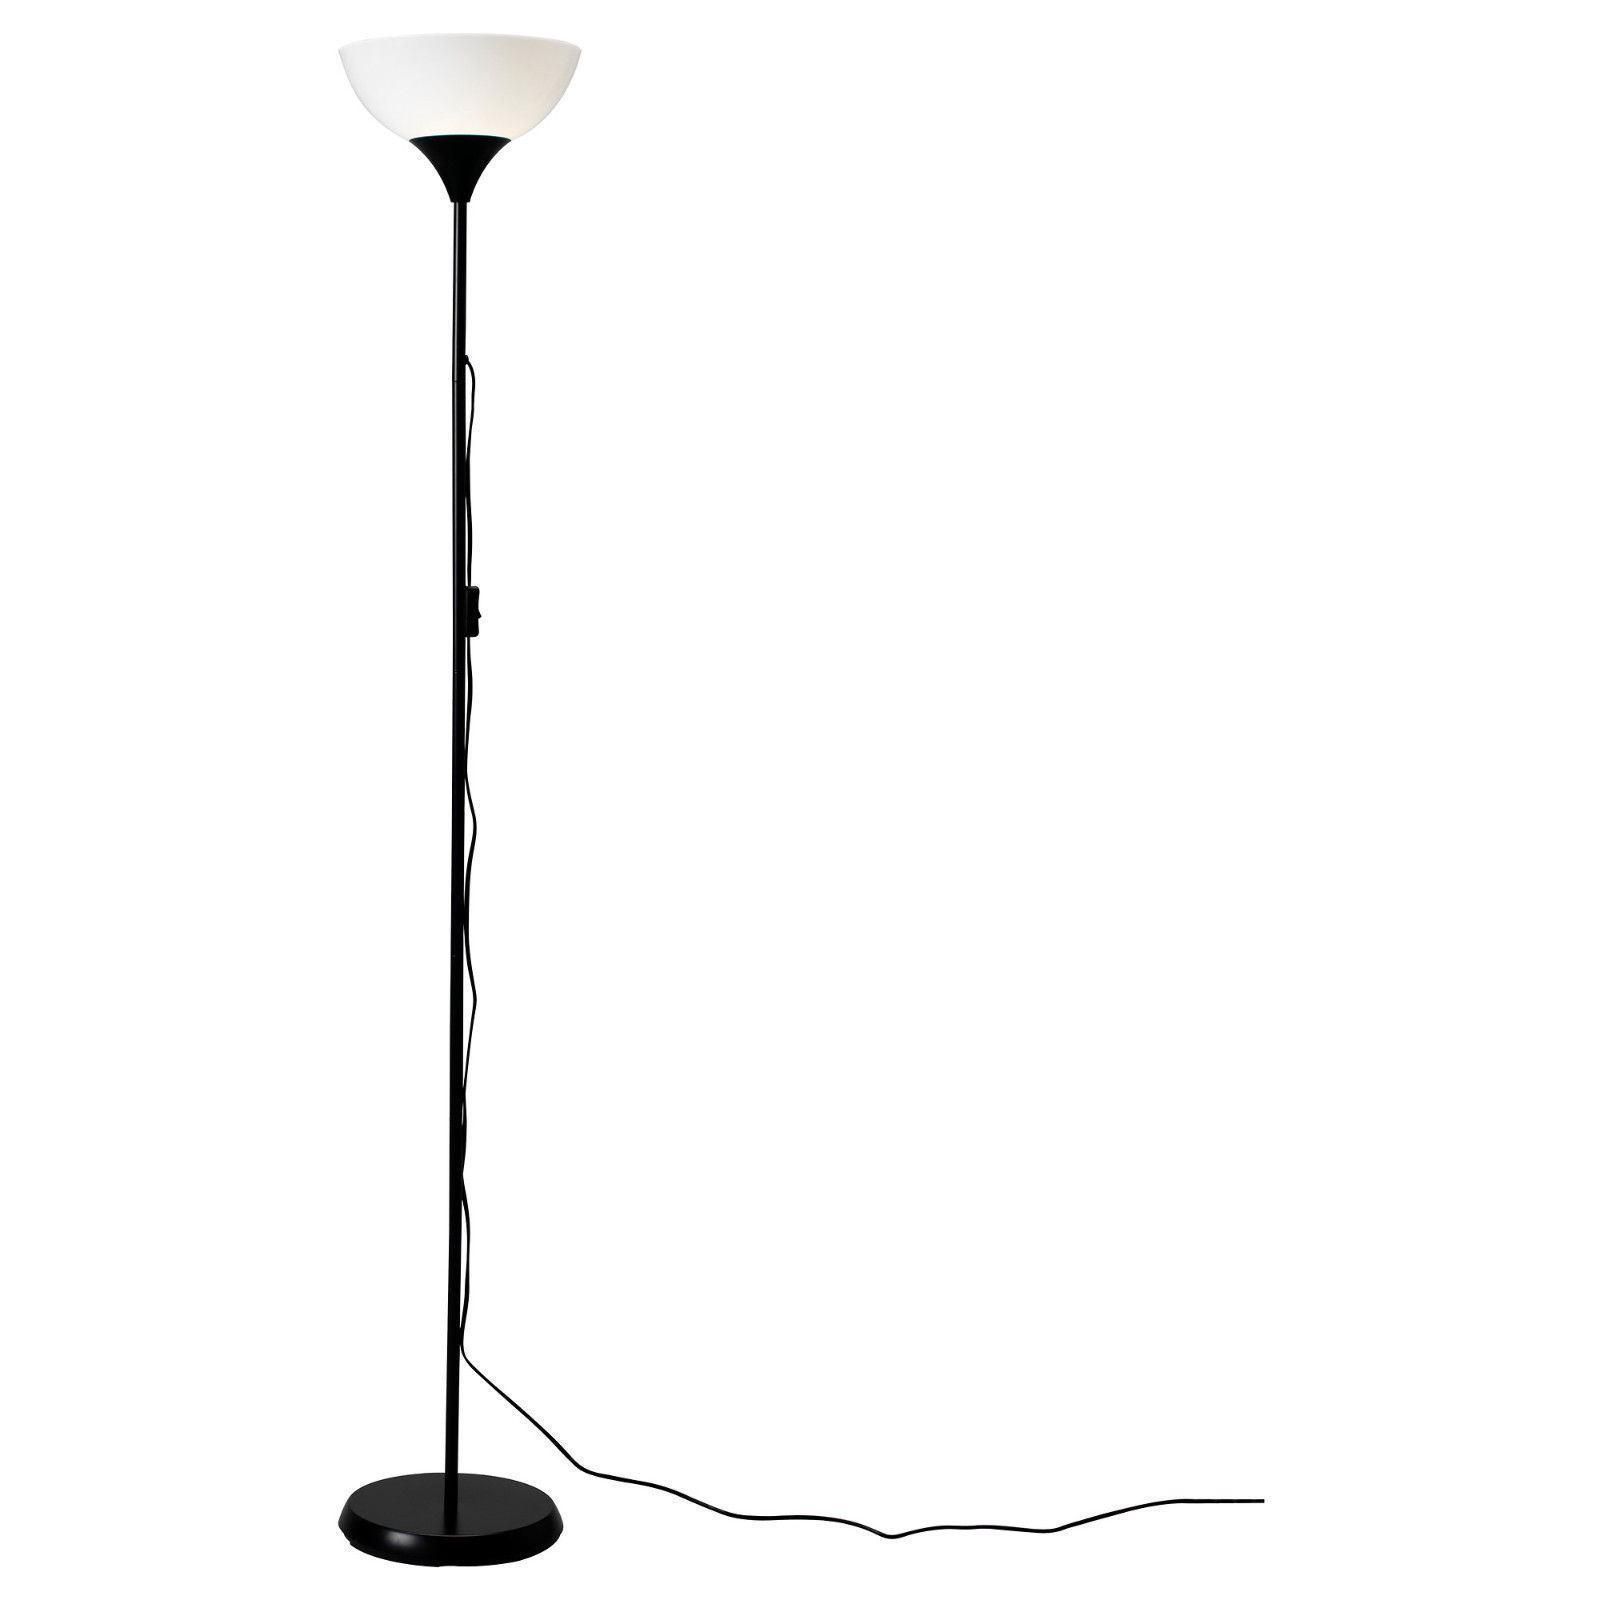 Ikea Tall Floor Standing Lamp Black Amp White Reading Light